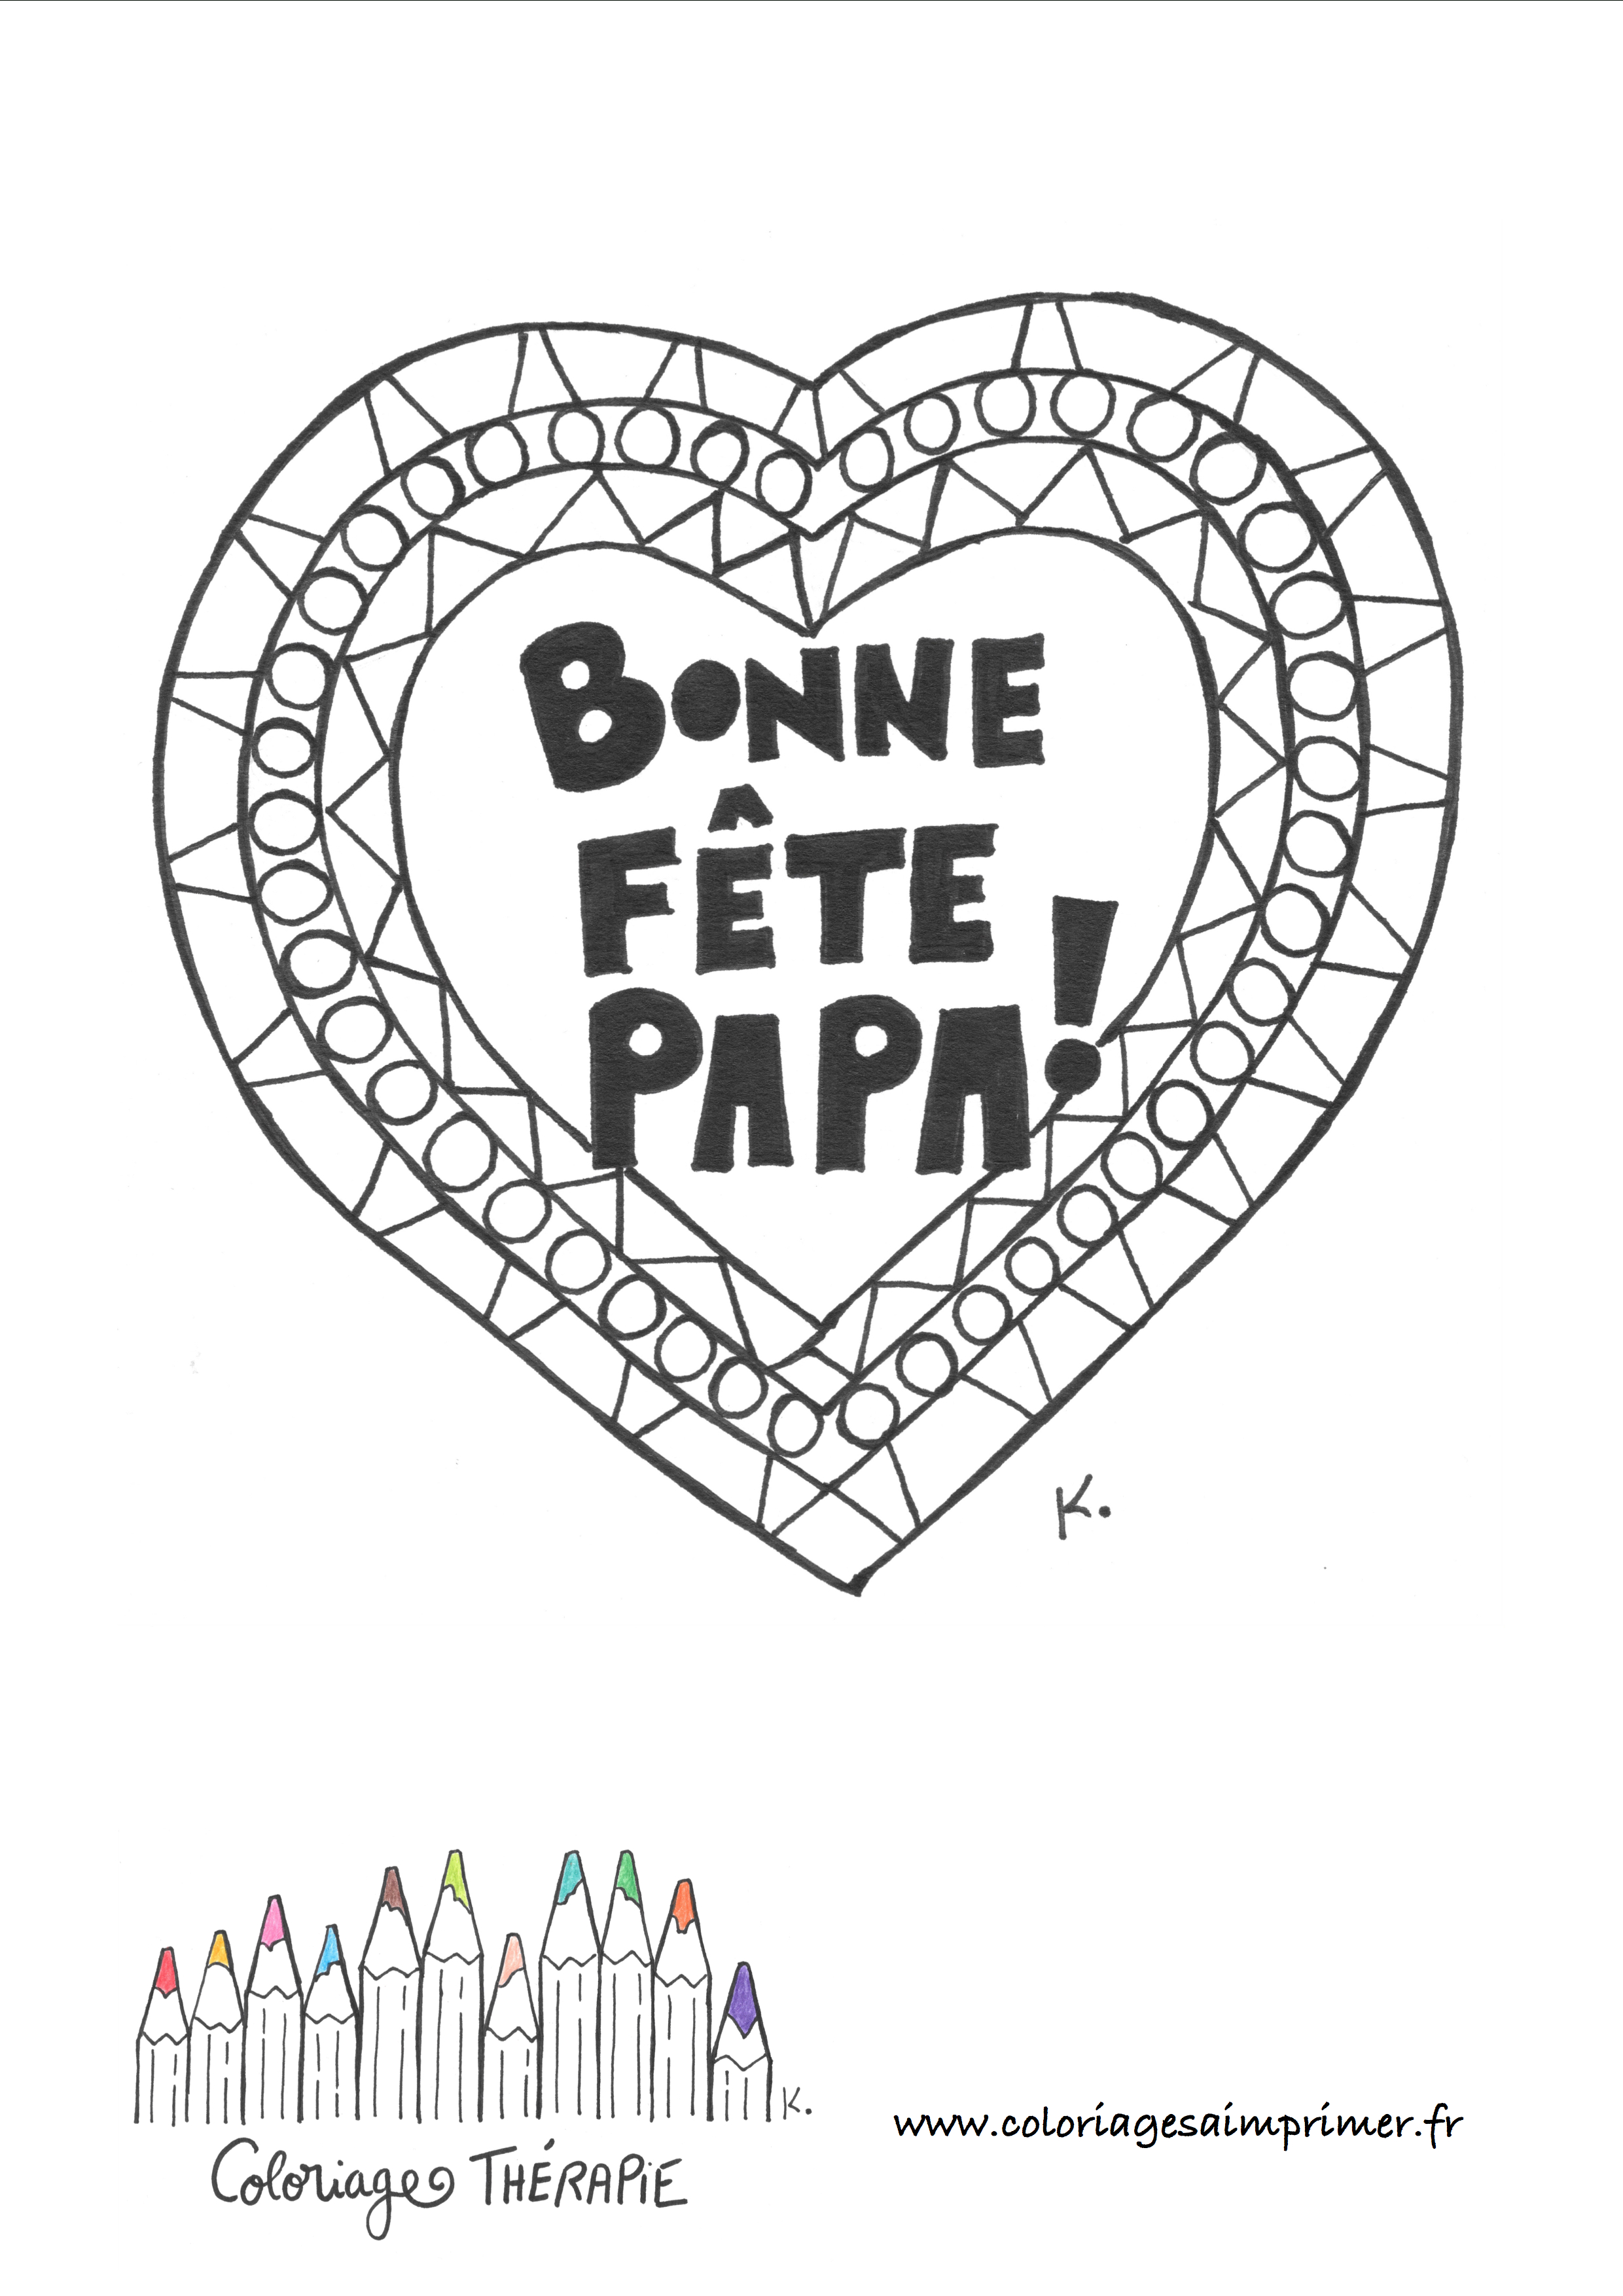 Coloriage Fête Des Pères - Coloriages À Imprimer à Coloriage Fete Des Peres